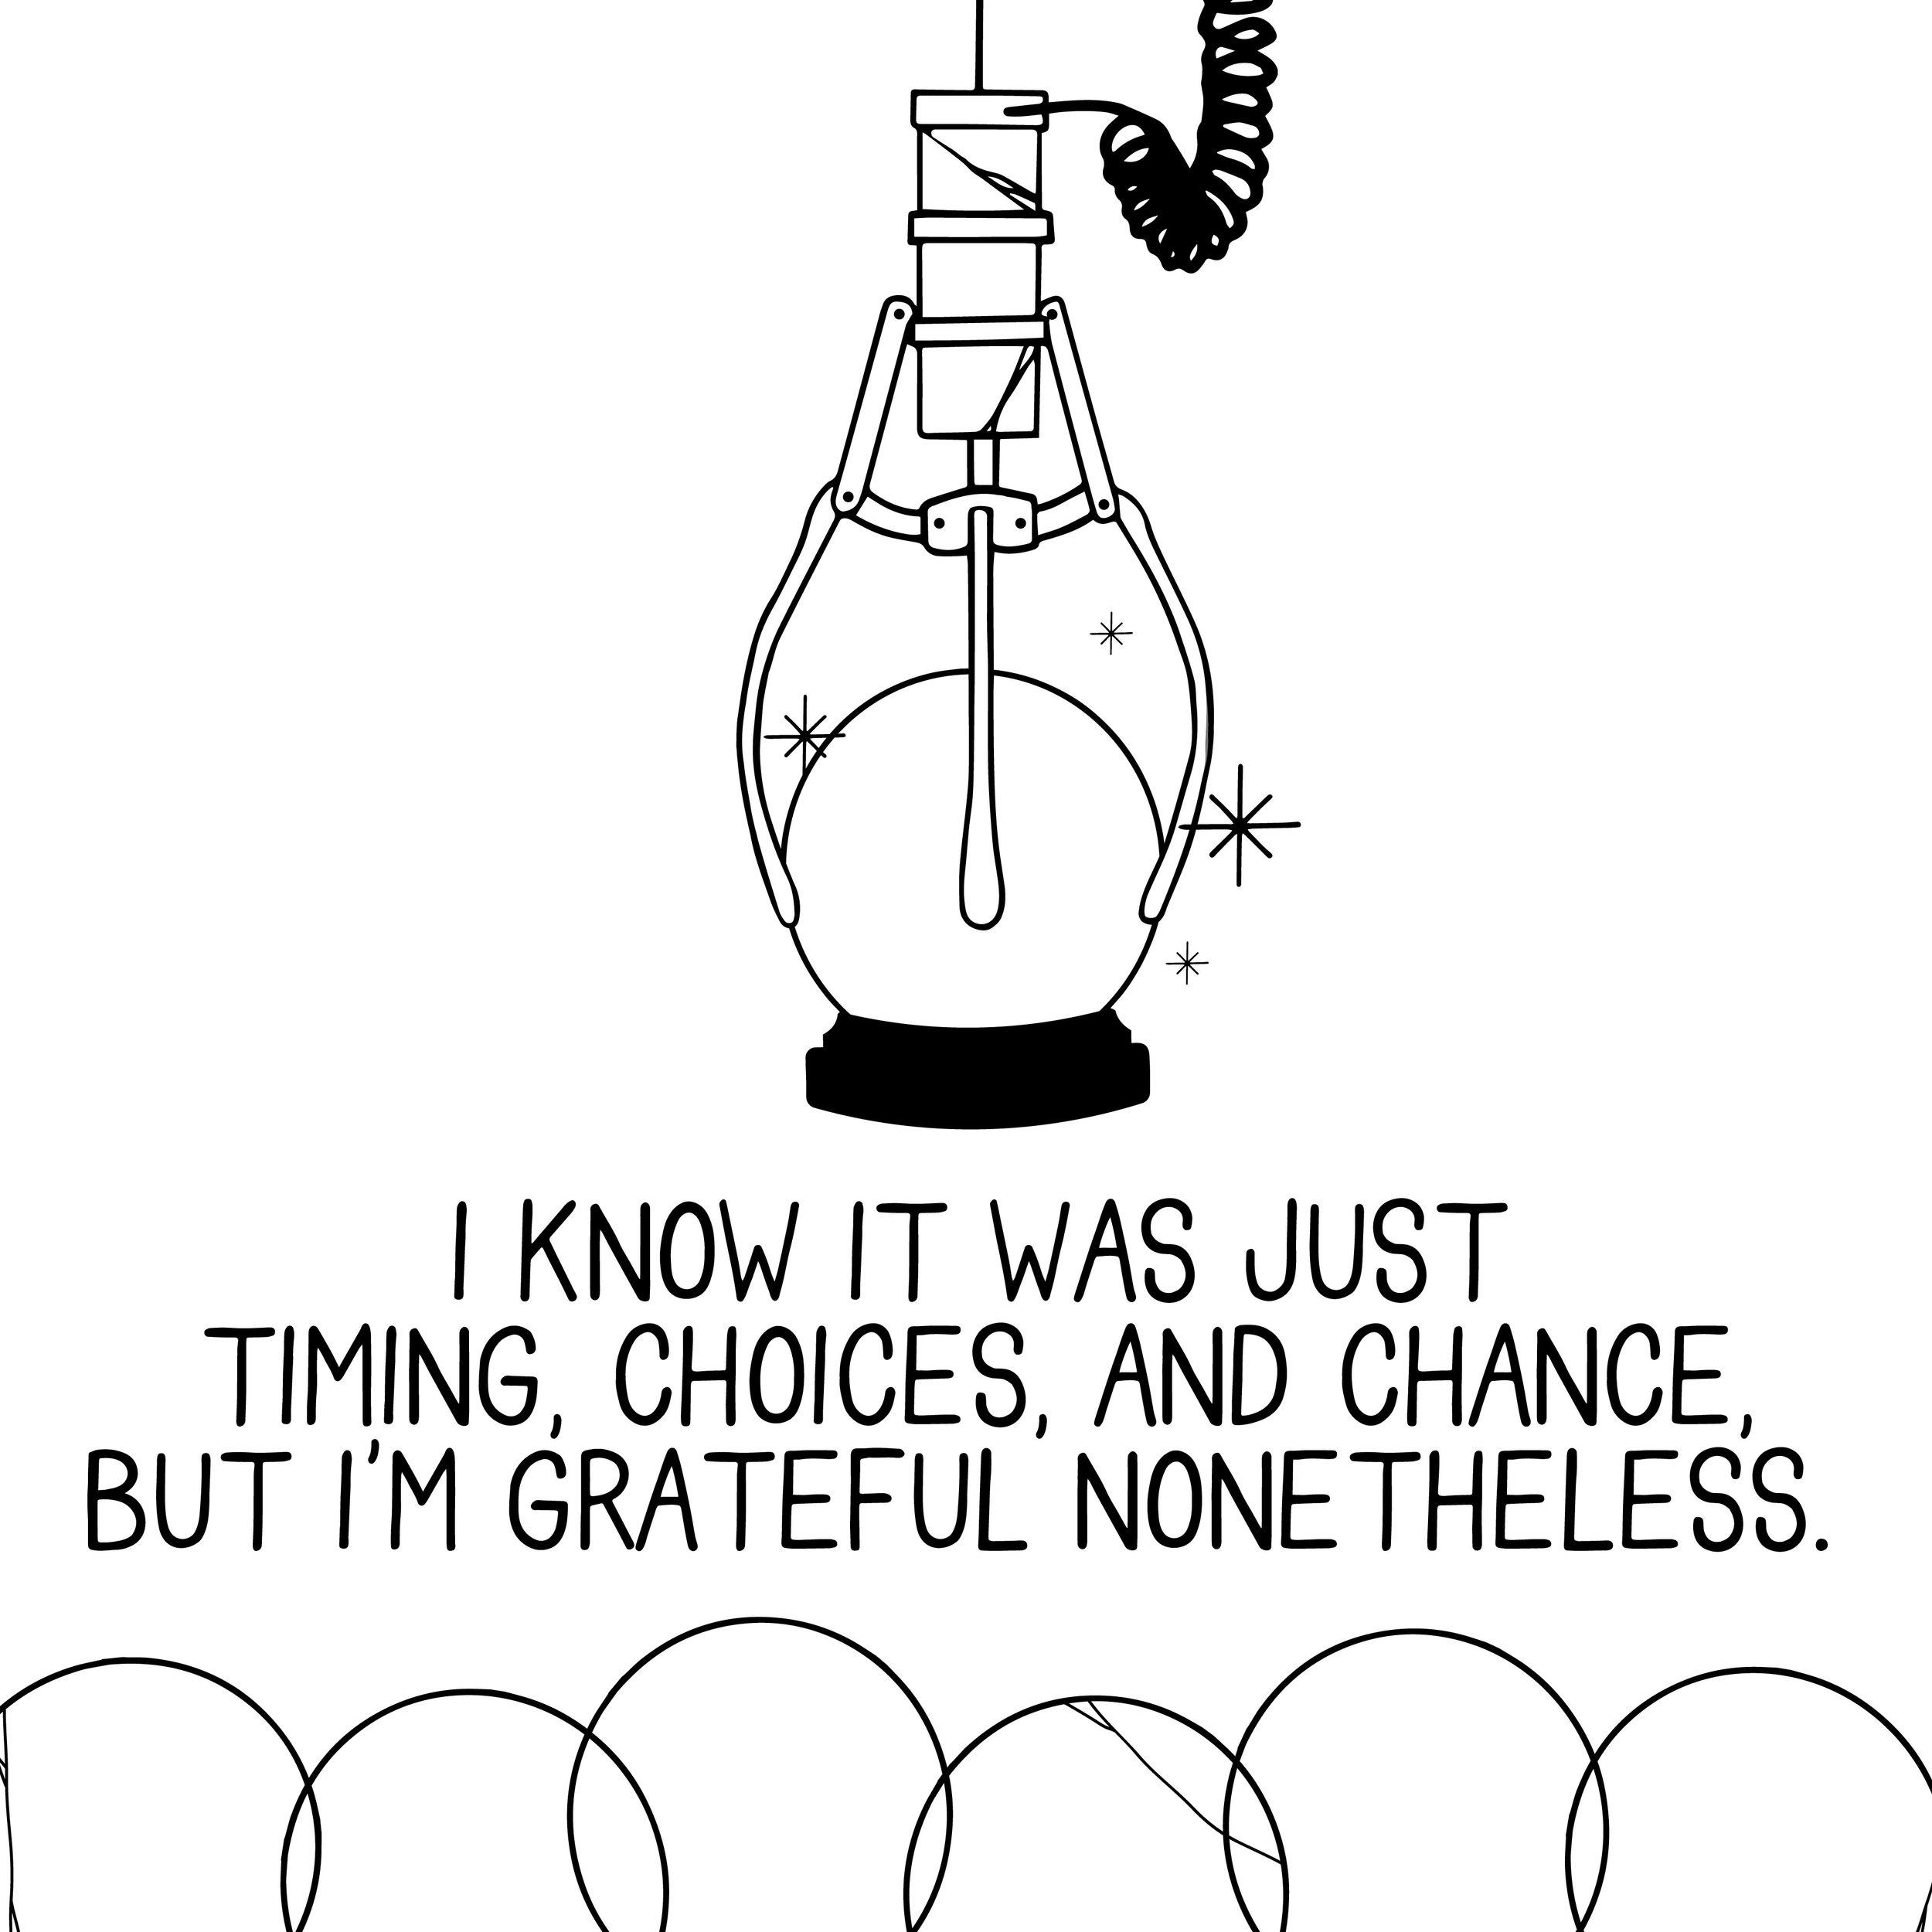 gratefulnonetheless-01.jpg